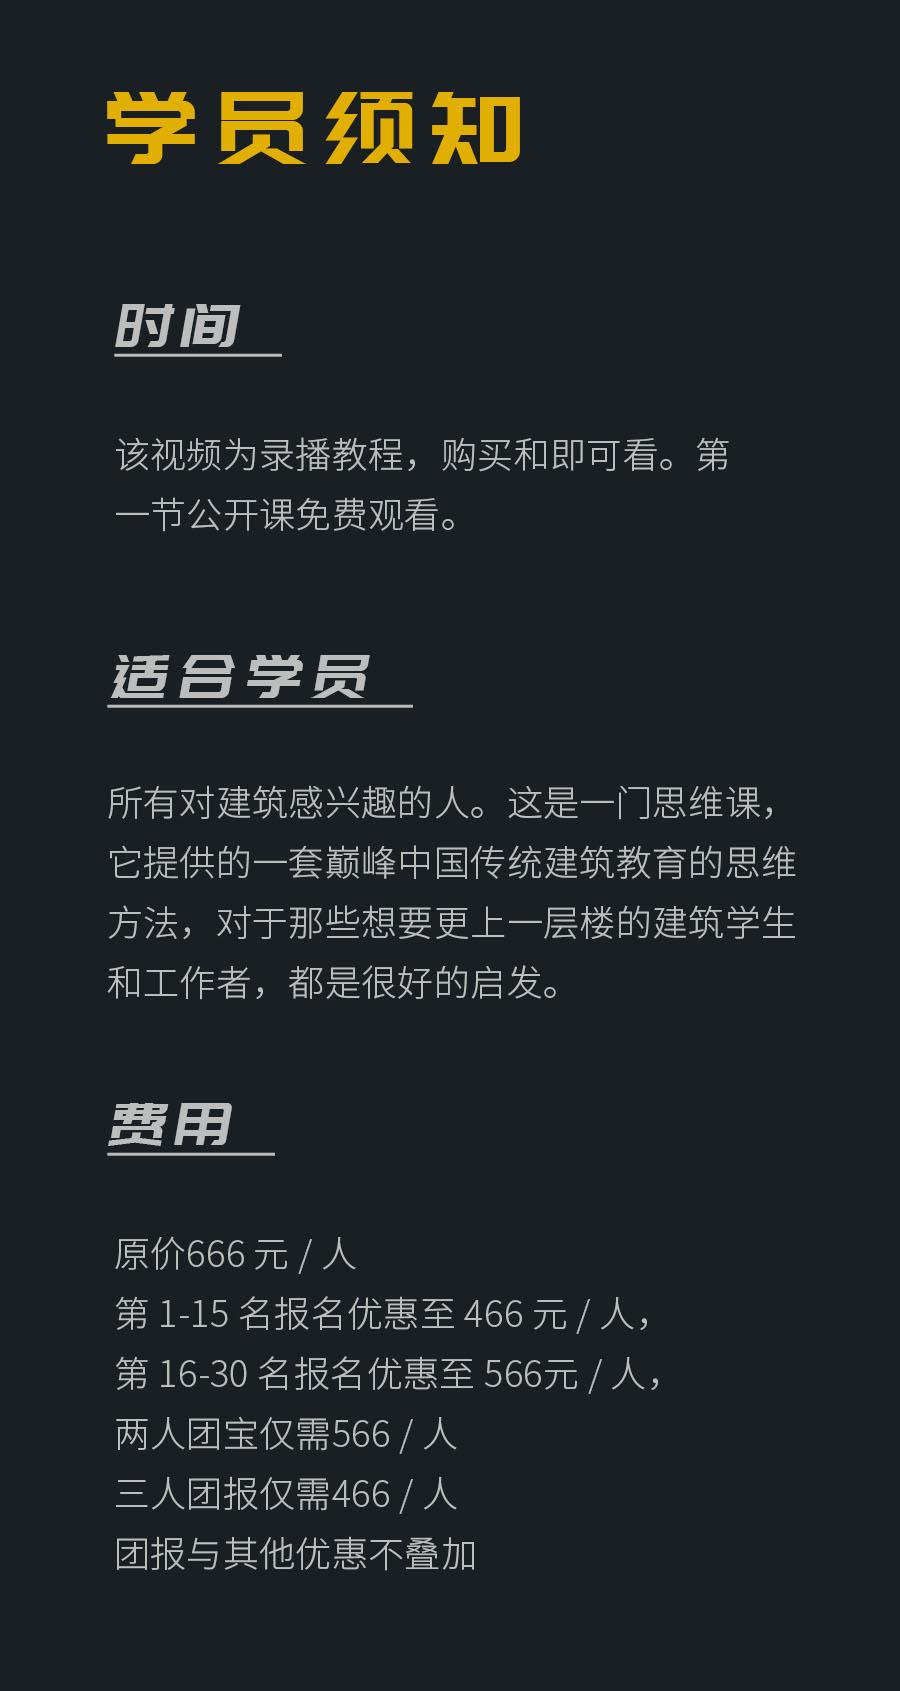 王开大咖课27-学员须知.jpg